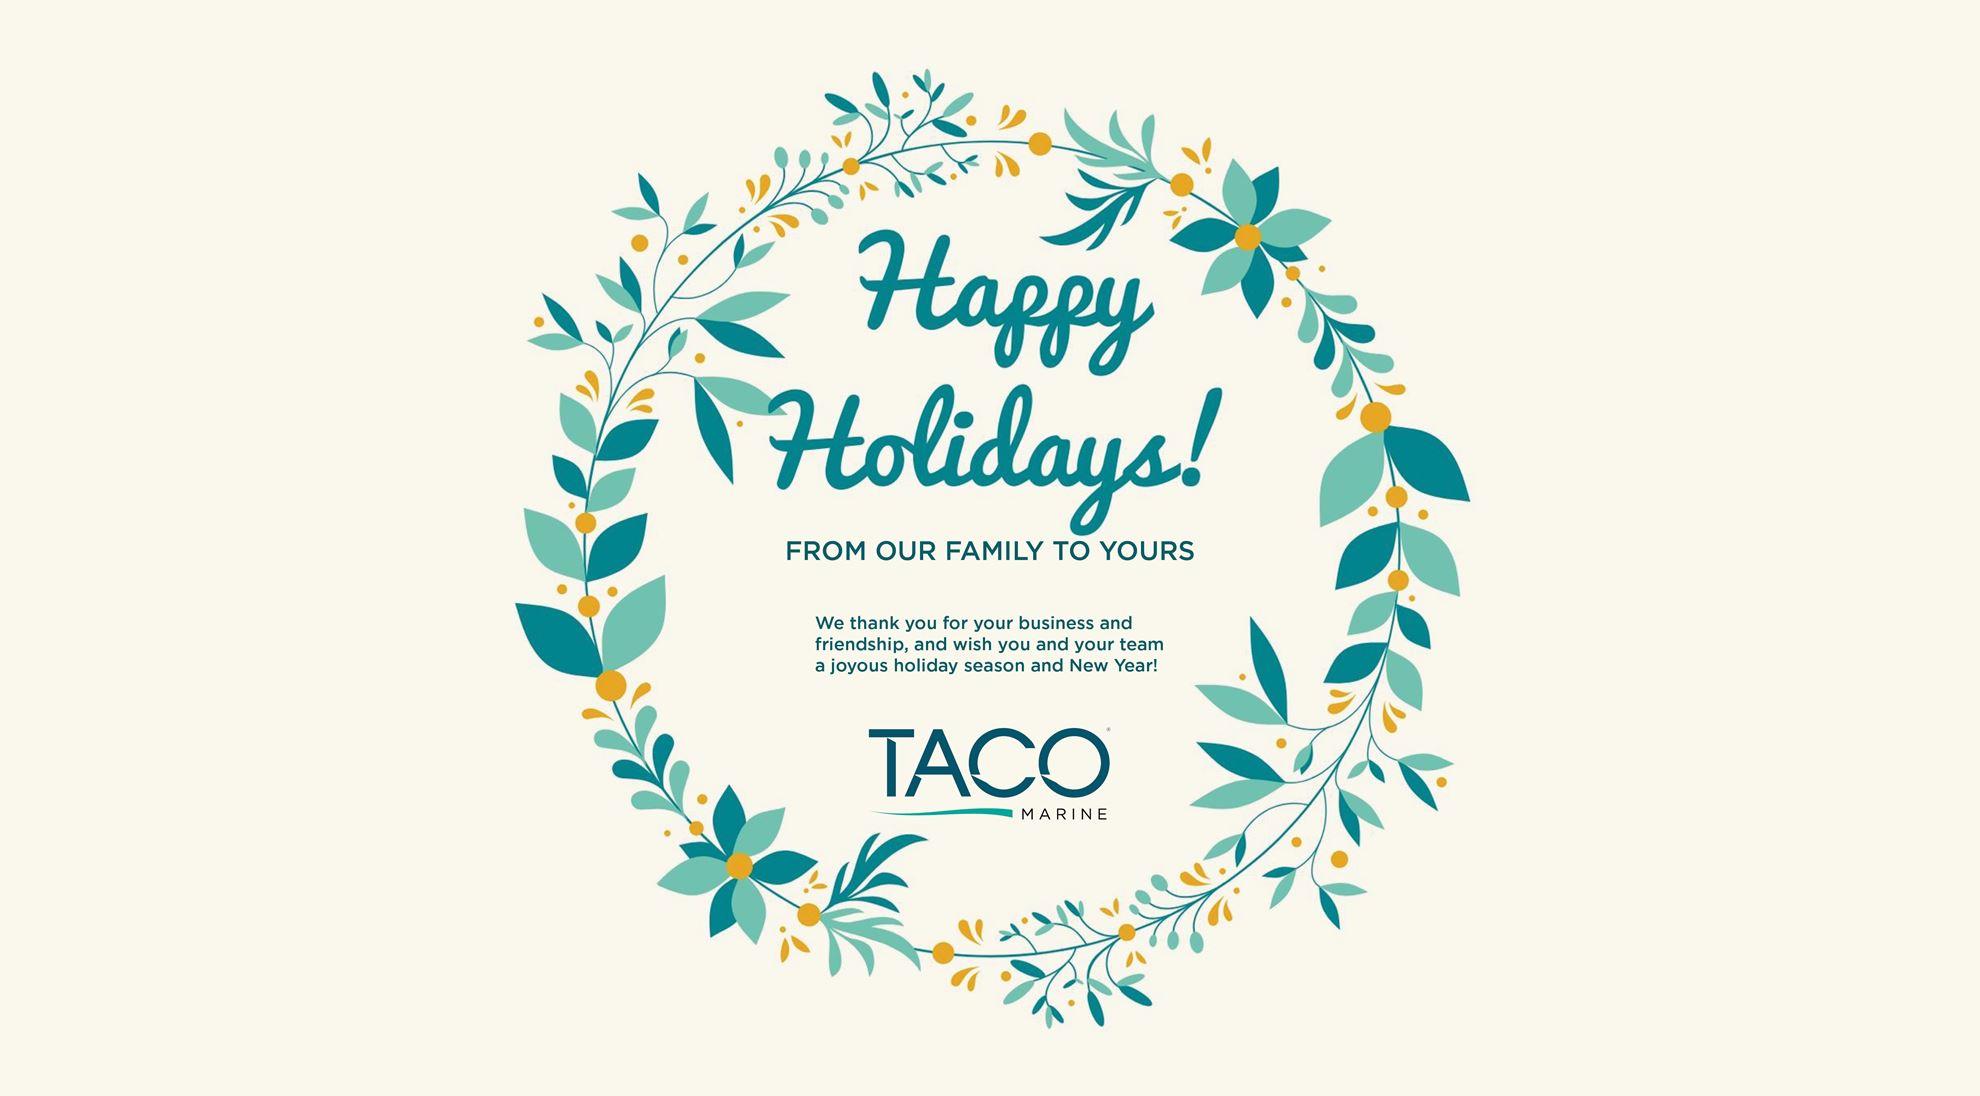 A Holiday Poem from TACO Marine